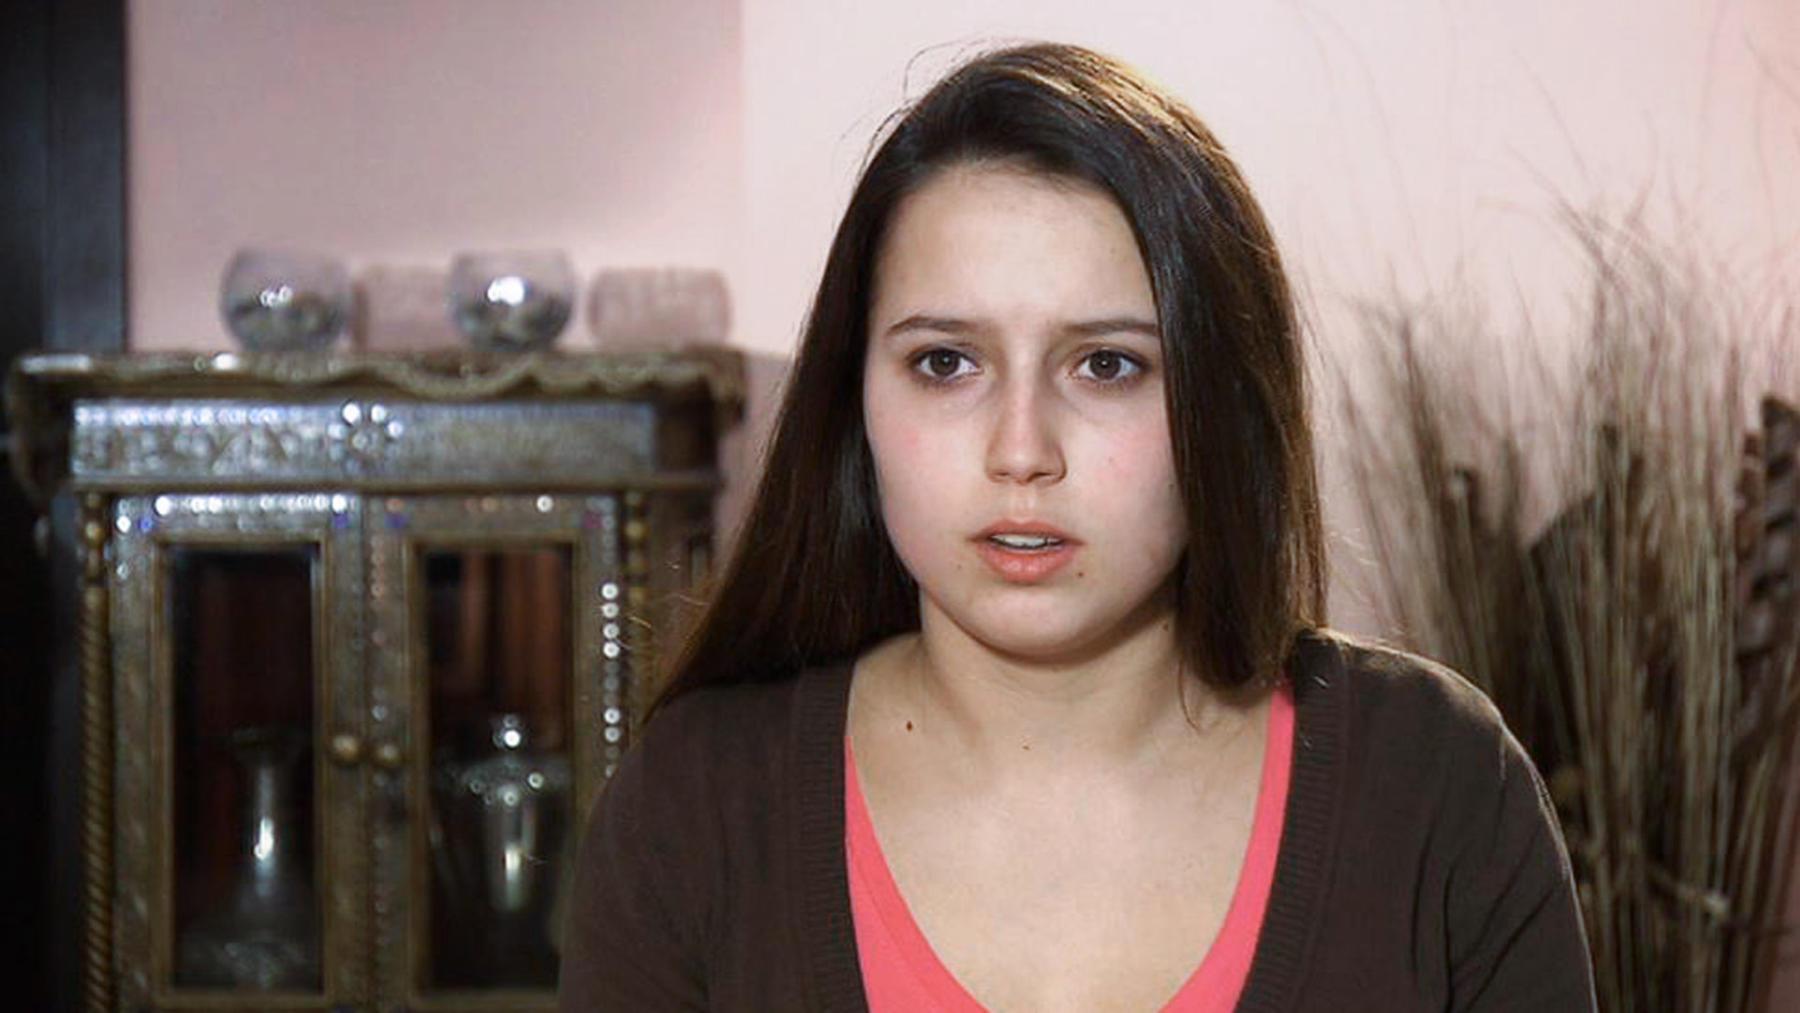 Teenagerliebe wird zur Gefahr